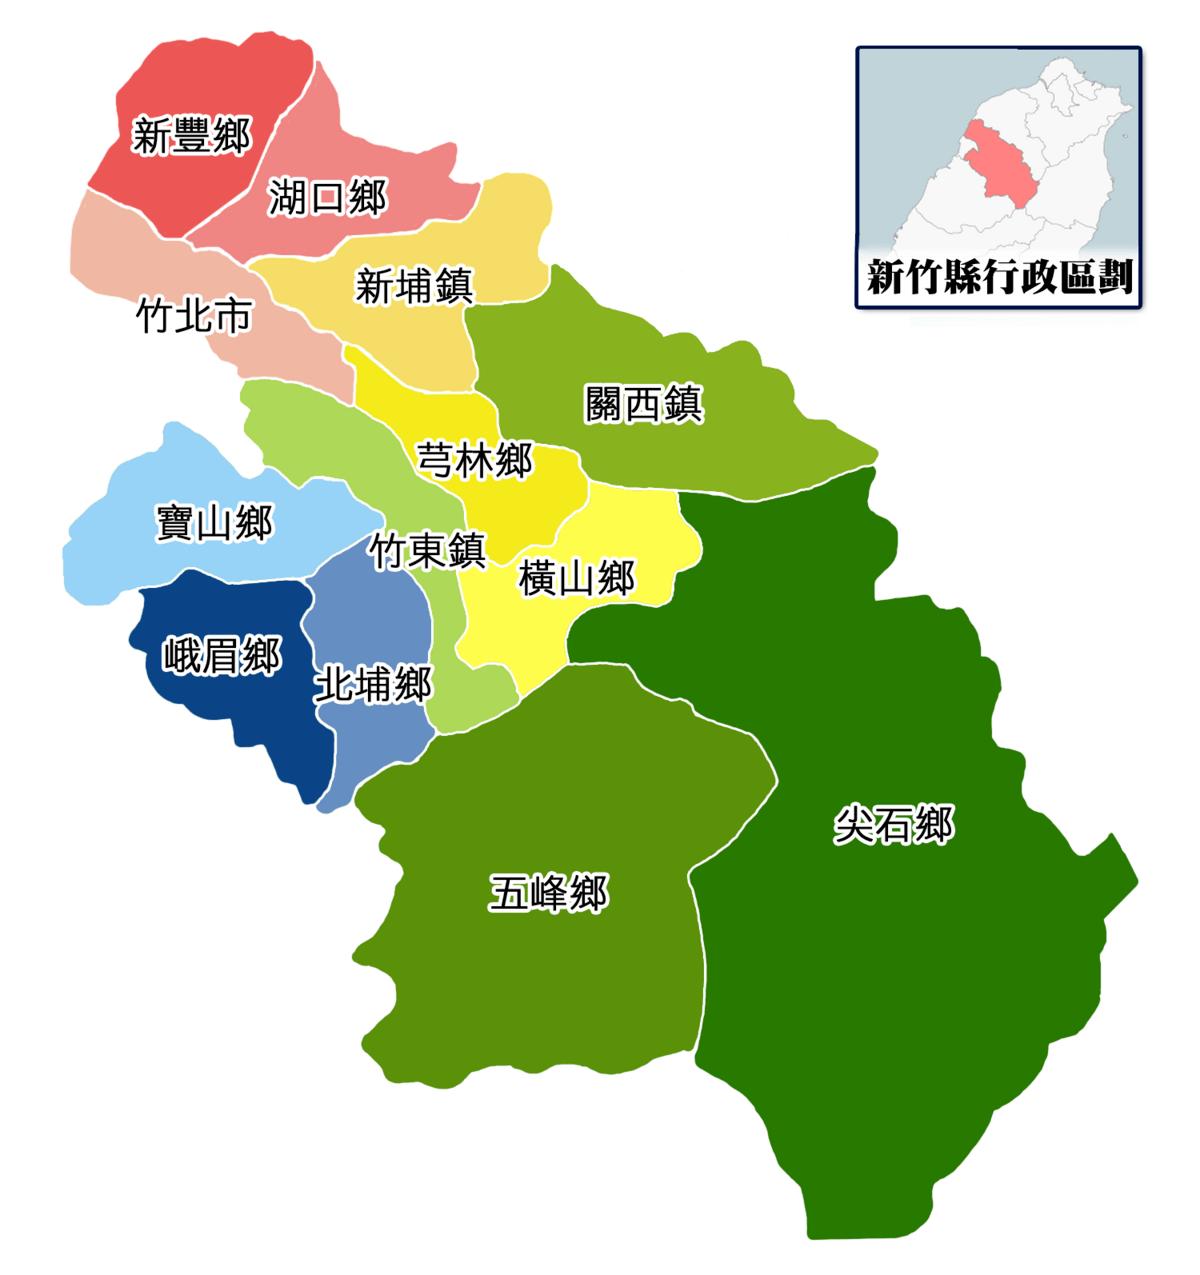 新竹縣 - 來自維基導游的旅行指南